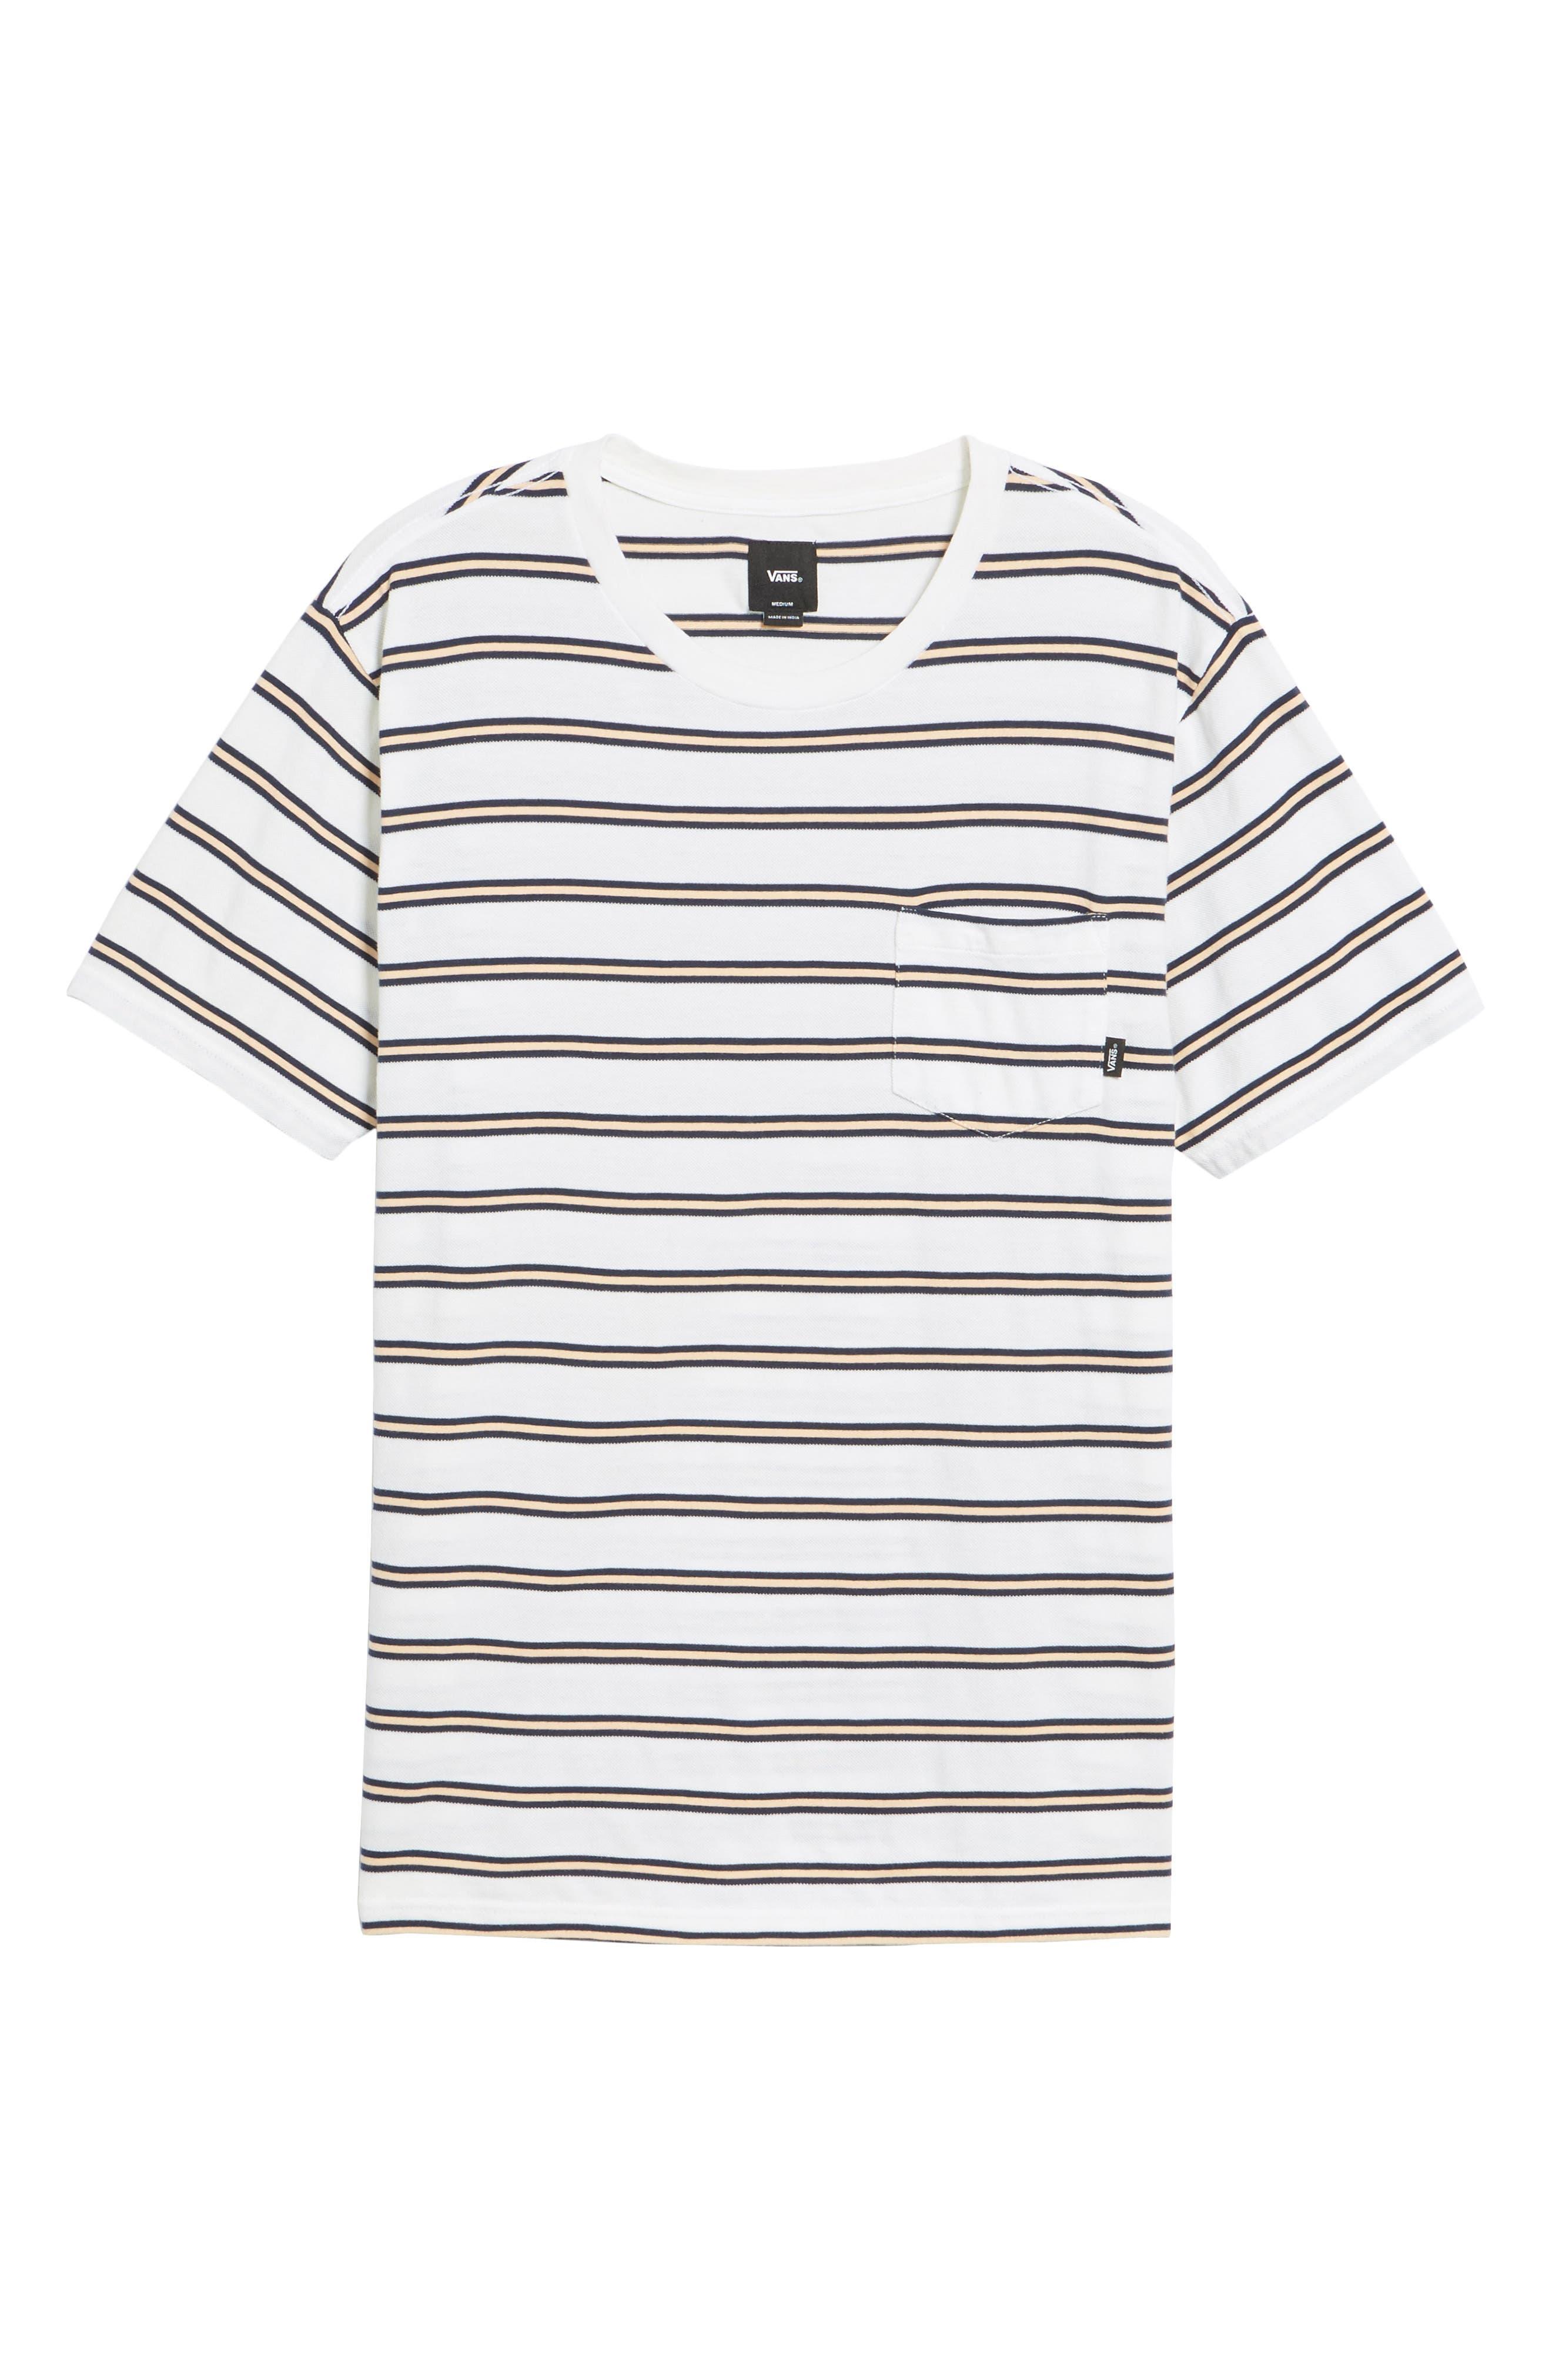 Whittier Pocket T-Shirt,                             Alternate thumbnail 6, color,                             900